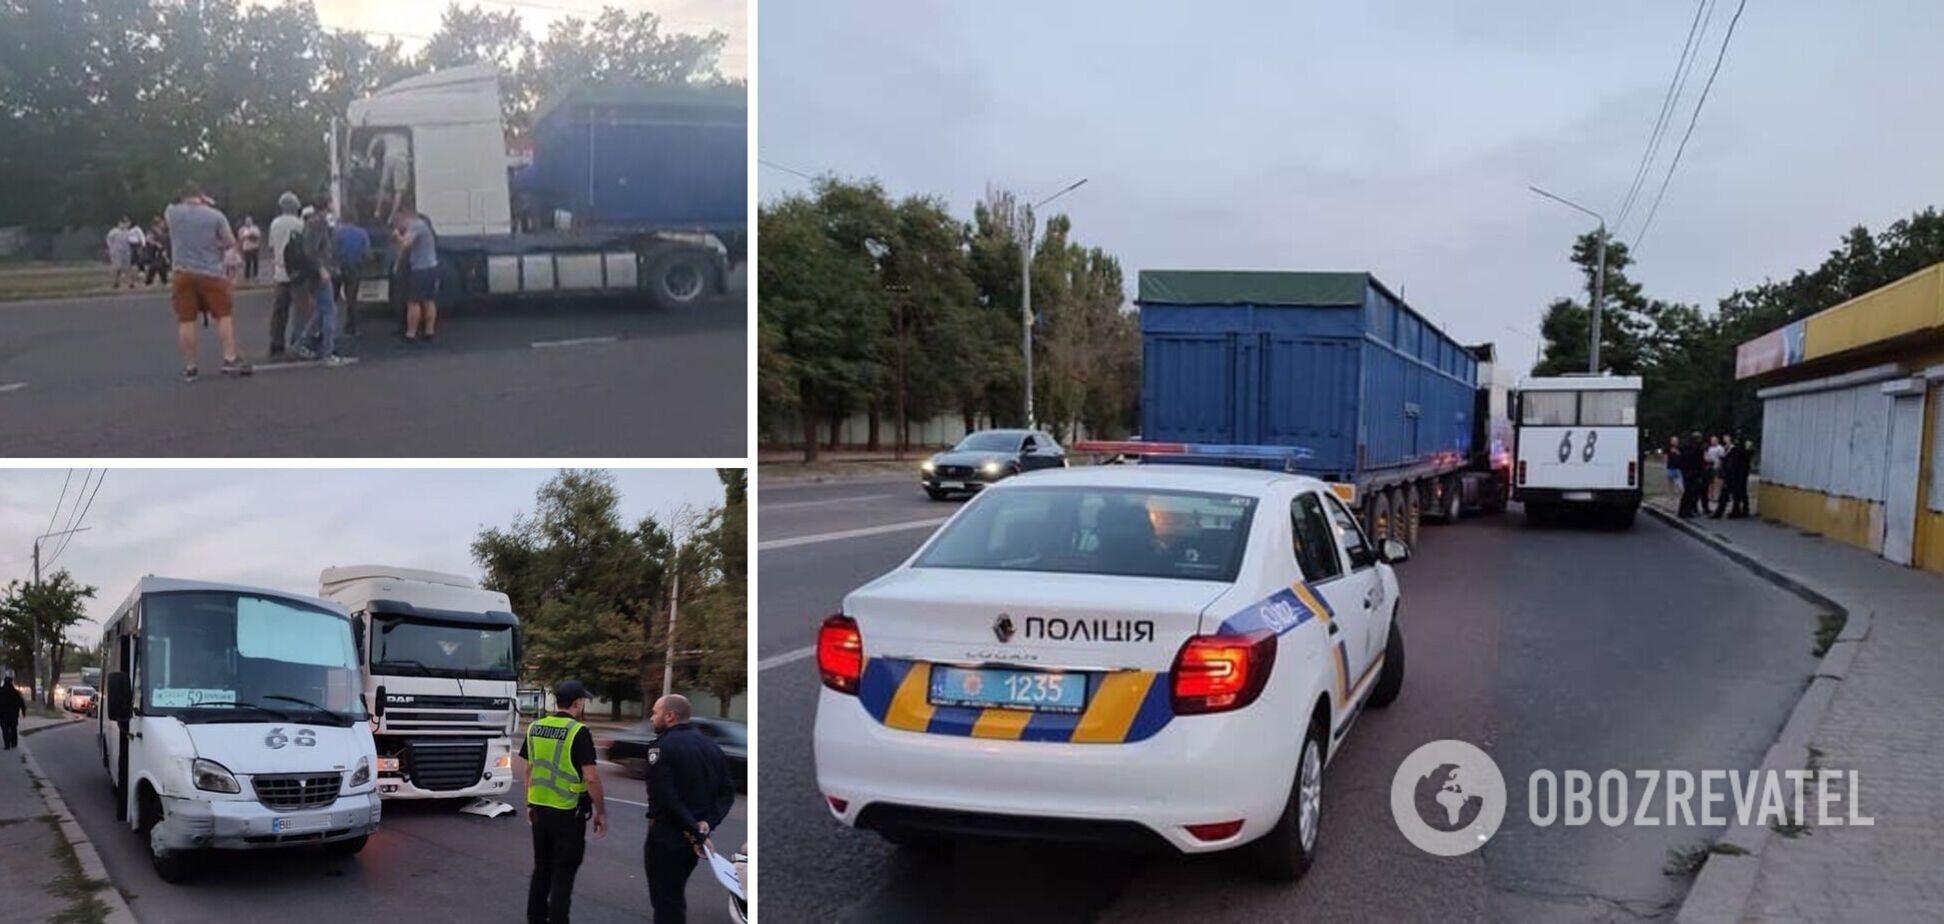 В Николаеве пассажиры маршрутки избили водителя фуры: на место вызвали полицию и медиков. Видео